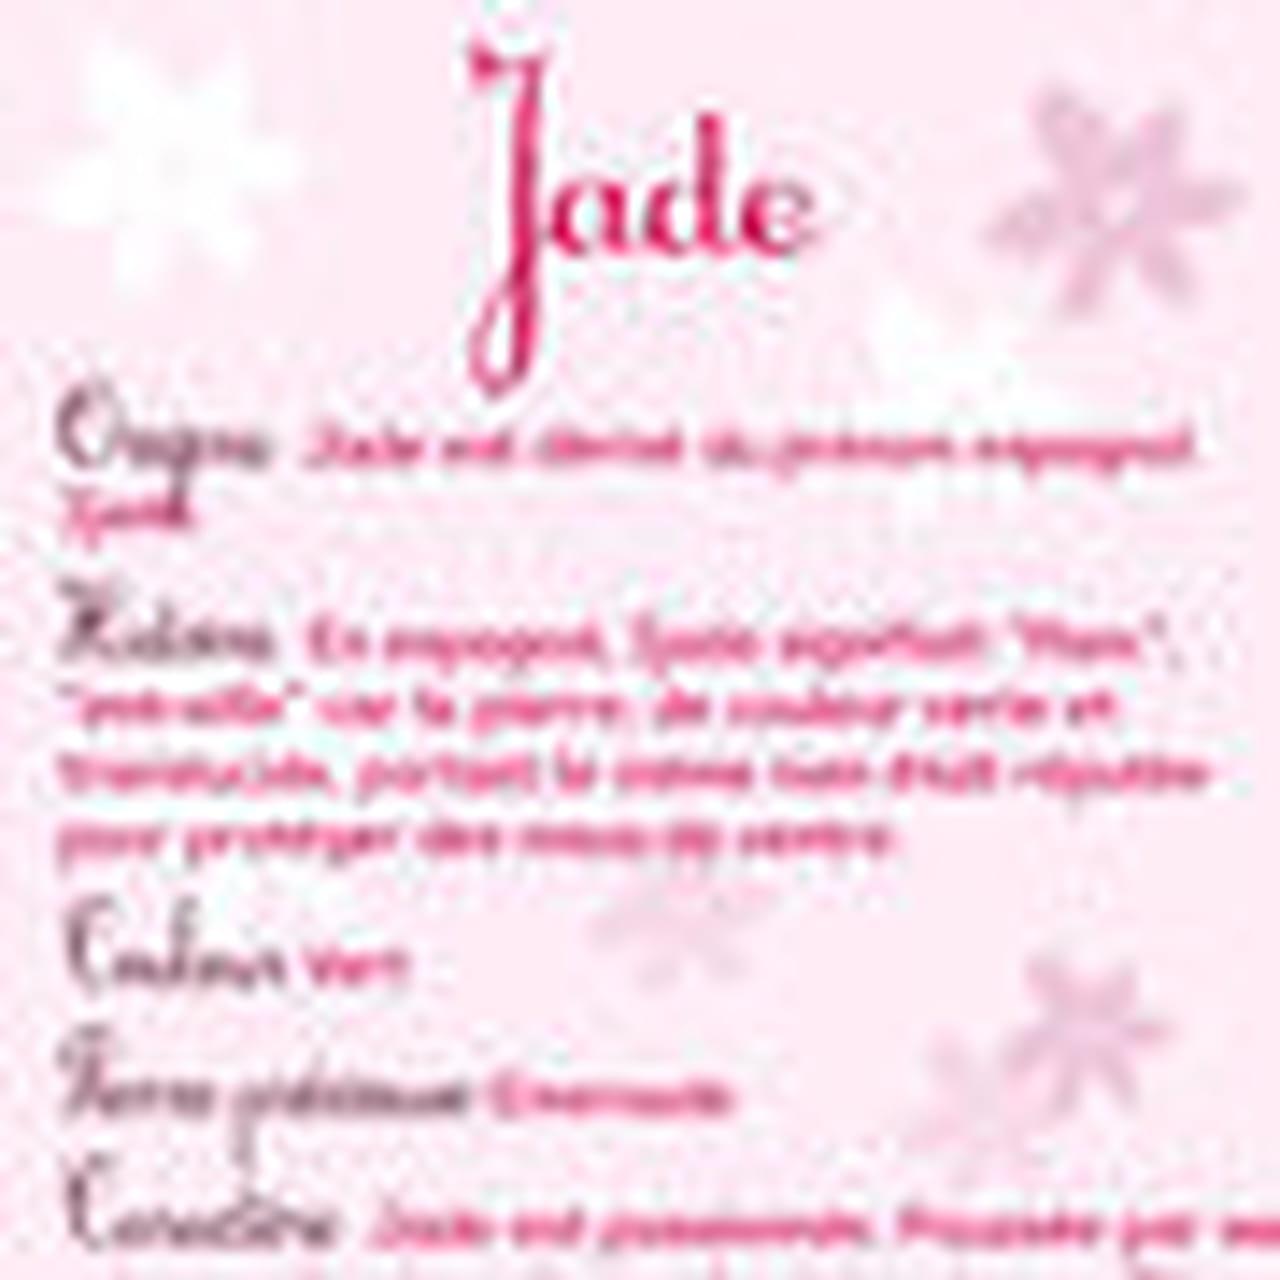 Numéro 6 Jade Gagne Une Place